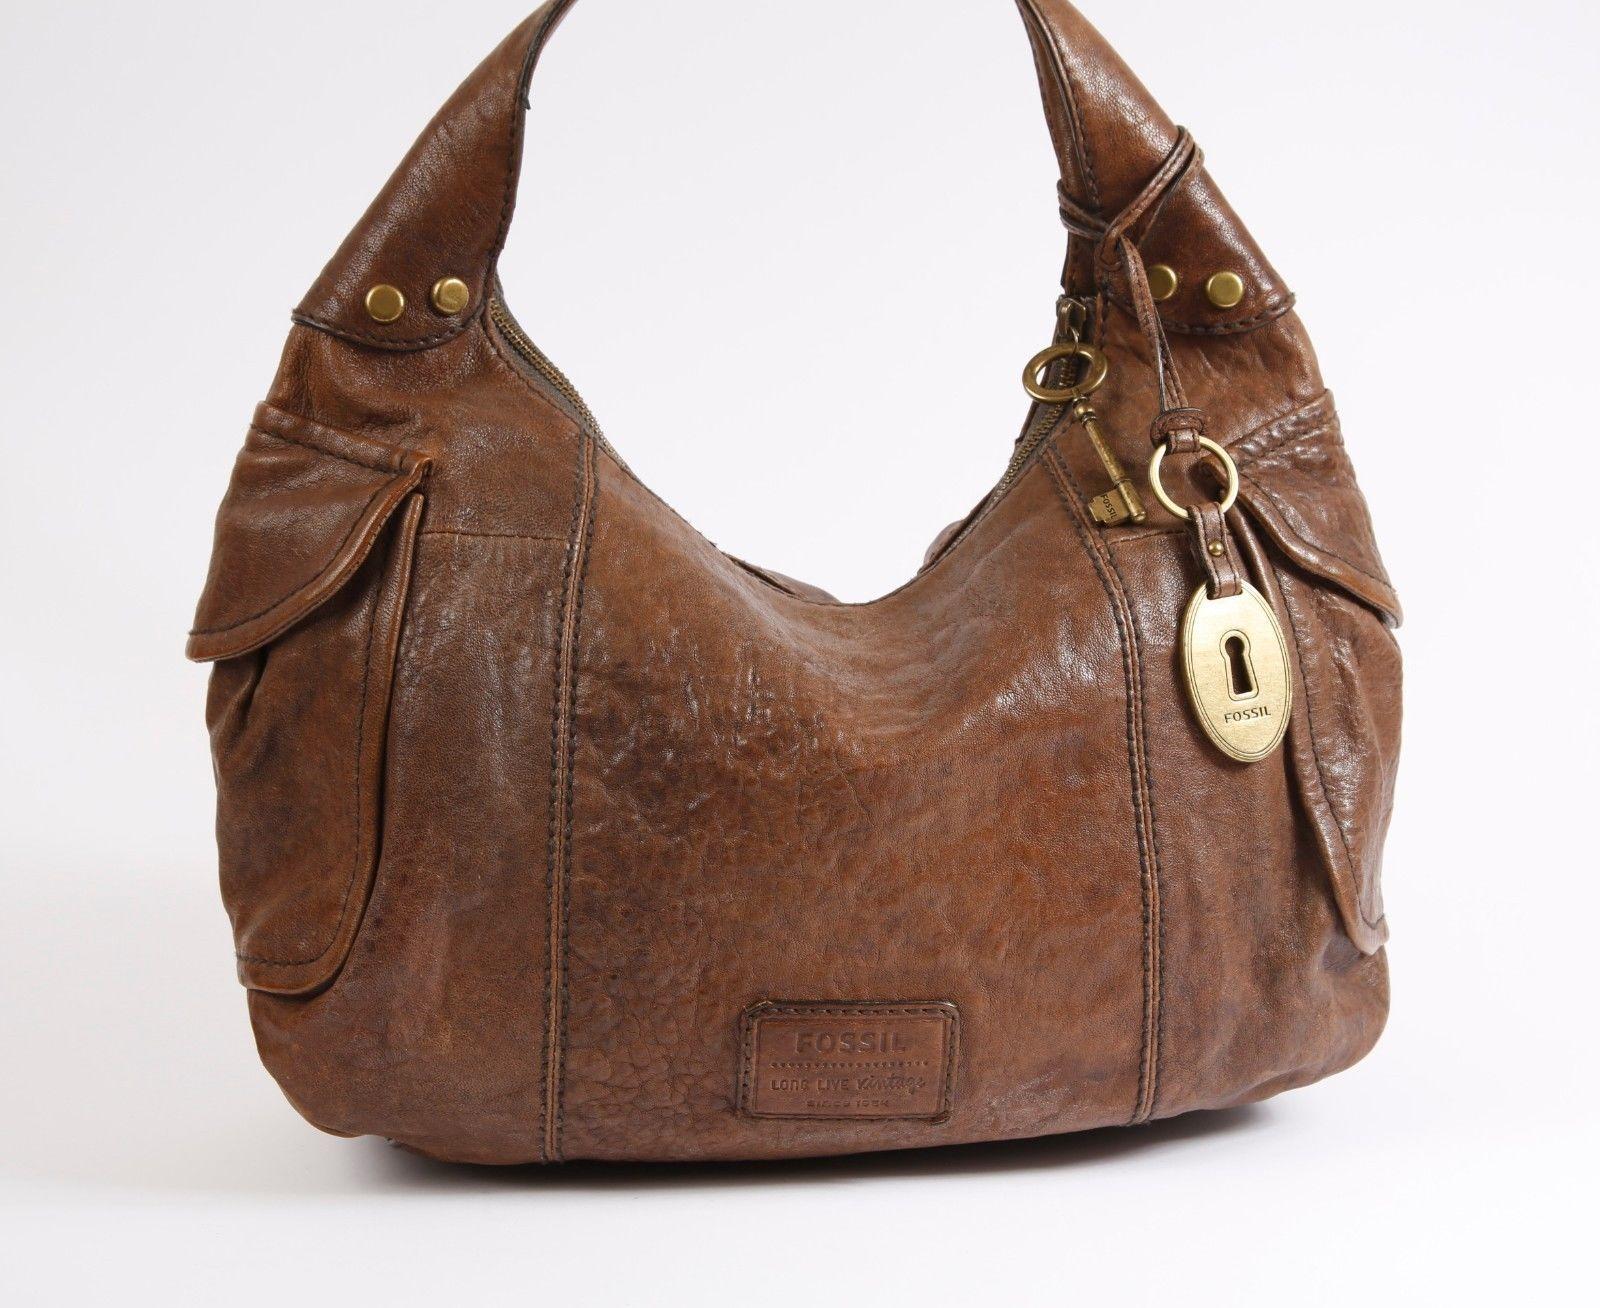 6e193b45b6d8 Fossil - Long Live Vintage 1954 - Brown Leather Hobo - Shoulder Bag ...